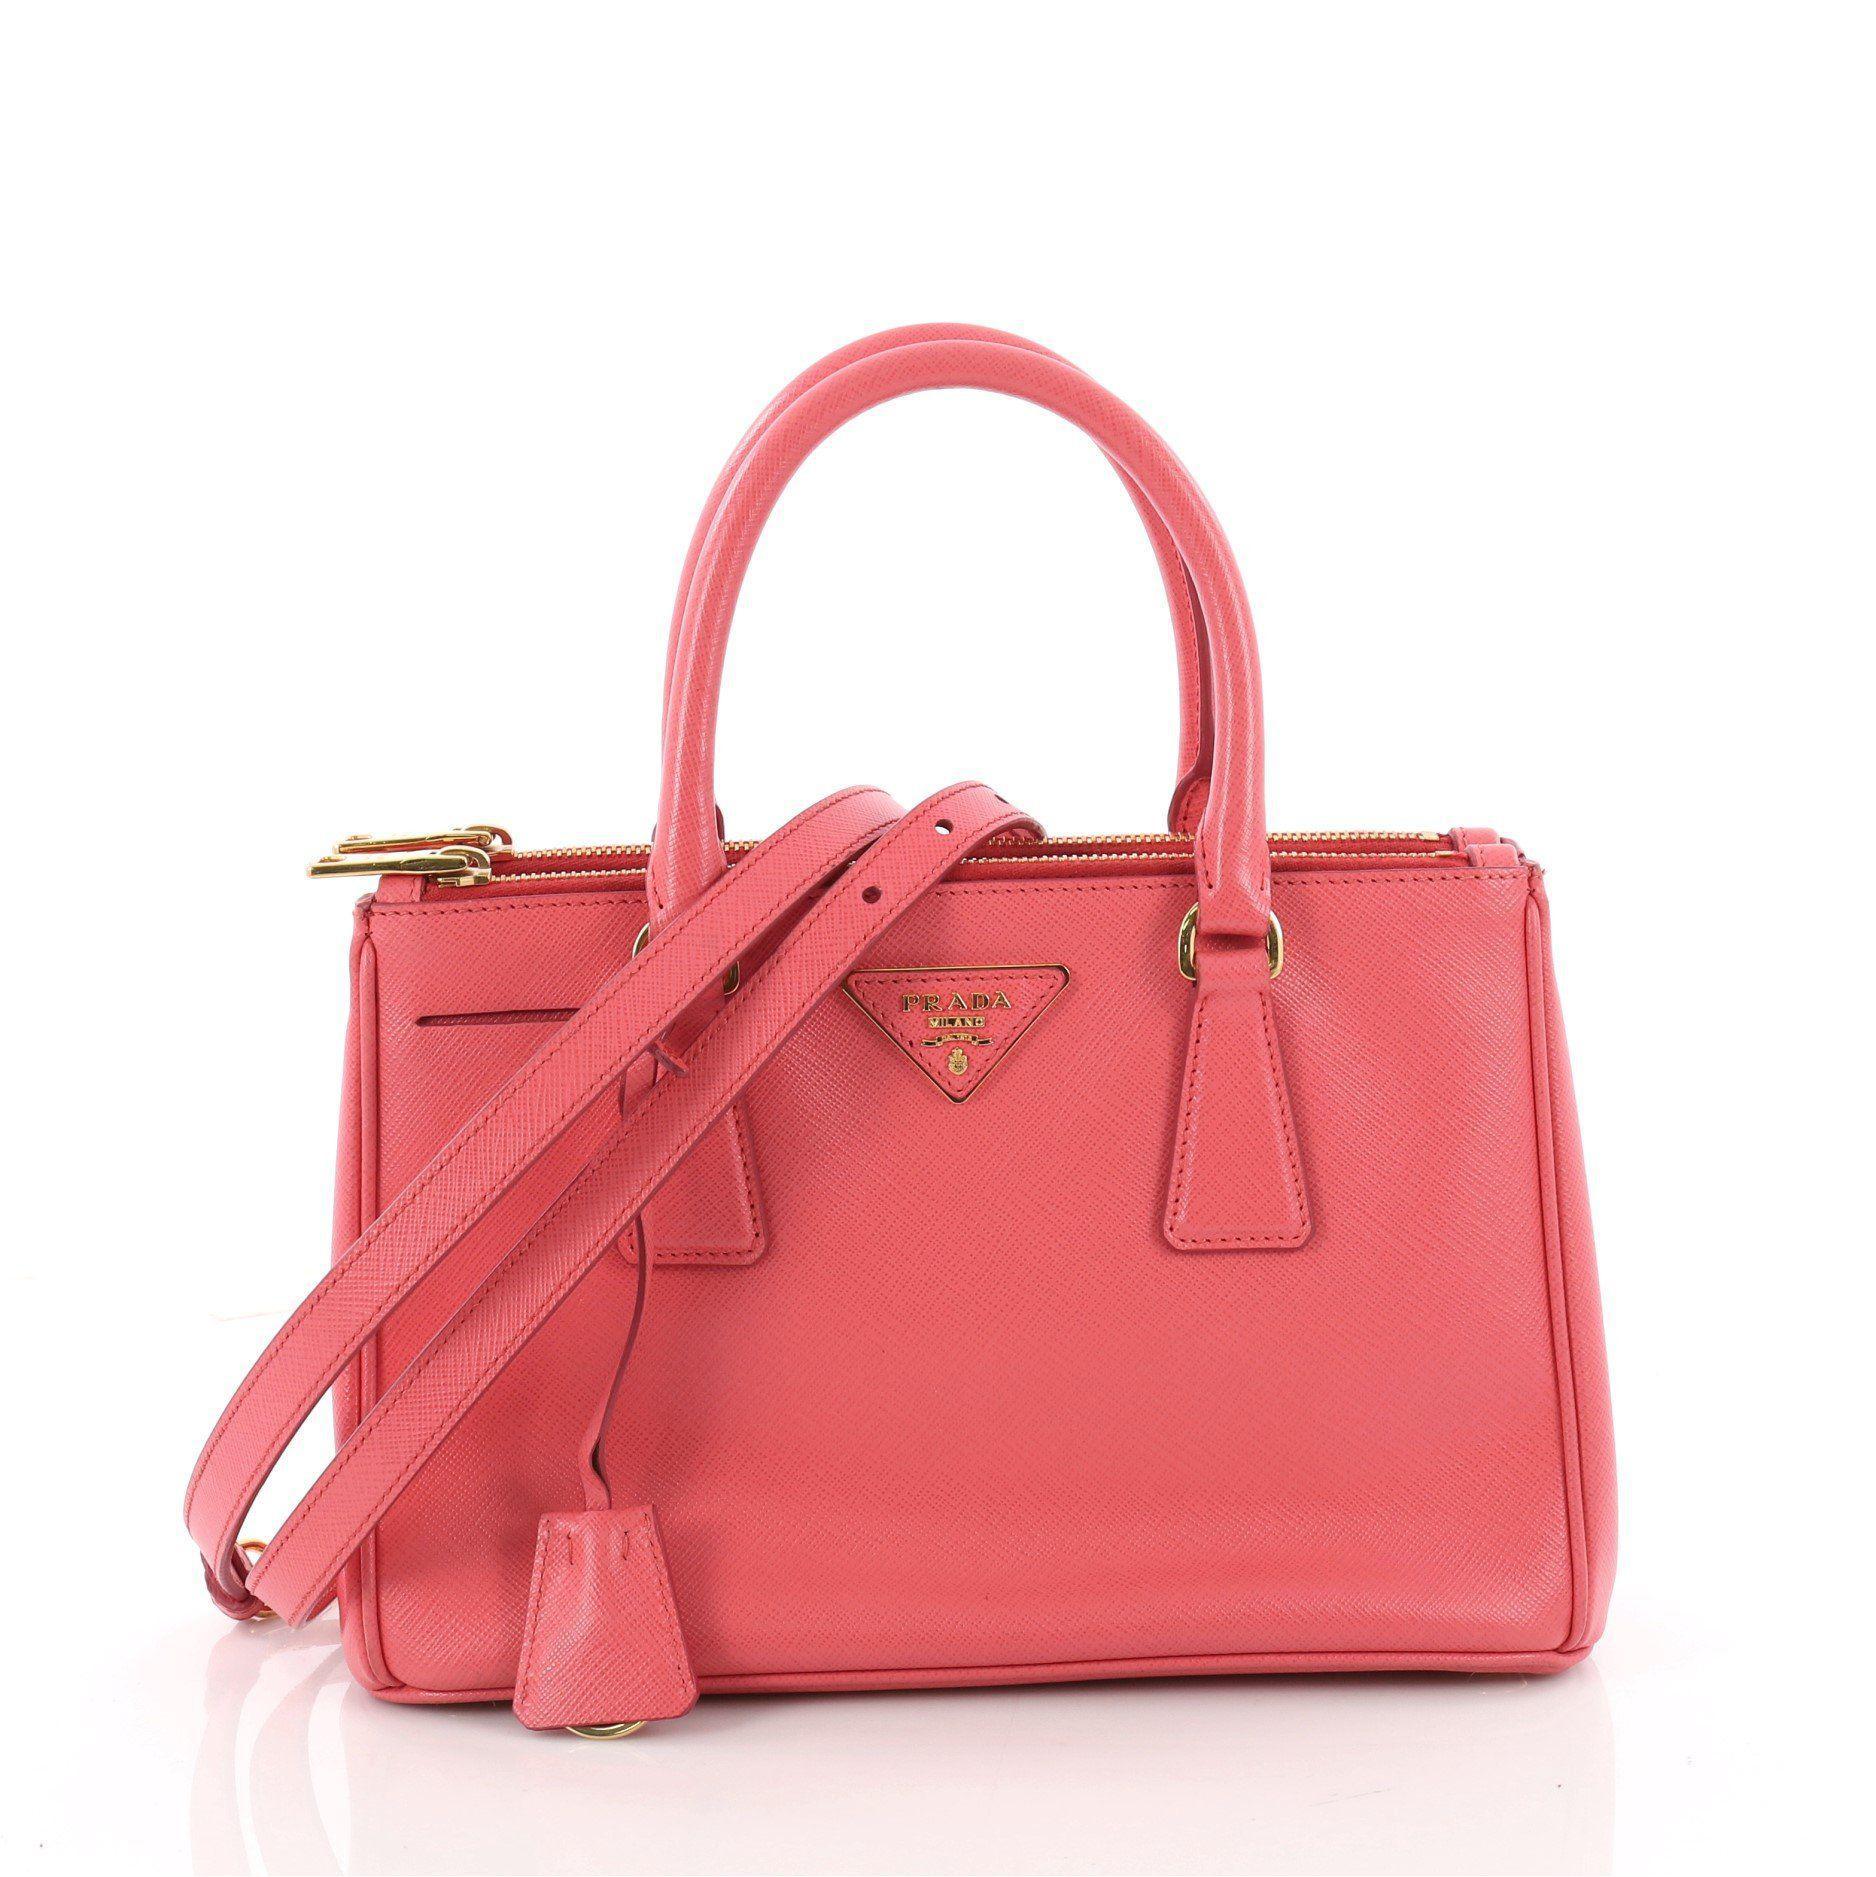 Lyst - Prada Double Zip Lux Tote Saffiano Leather Mini in Pink e55dc12a13941